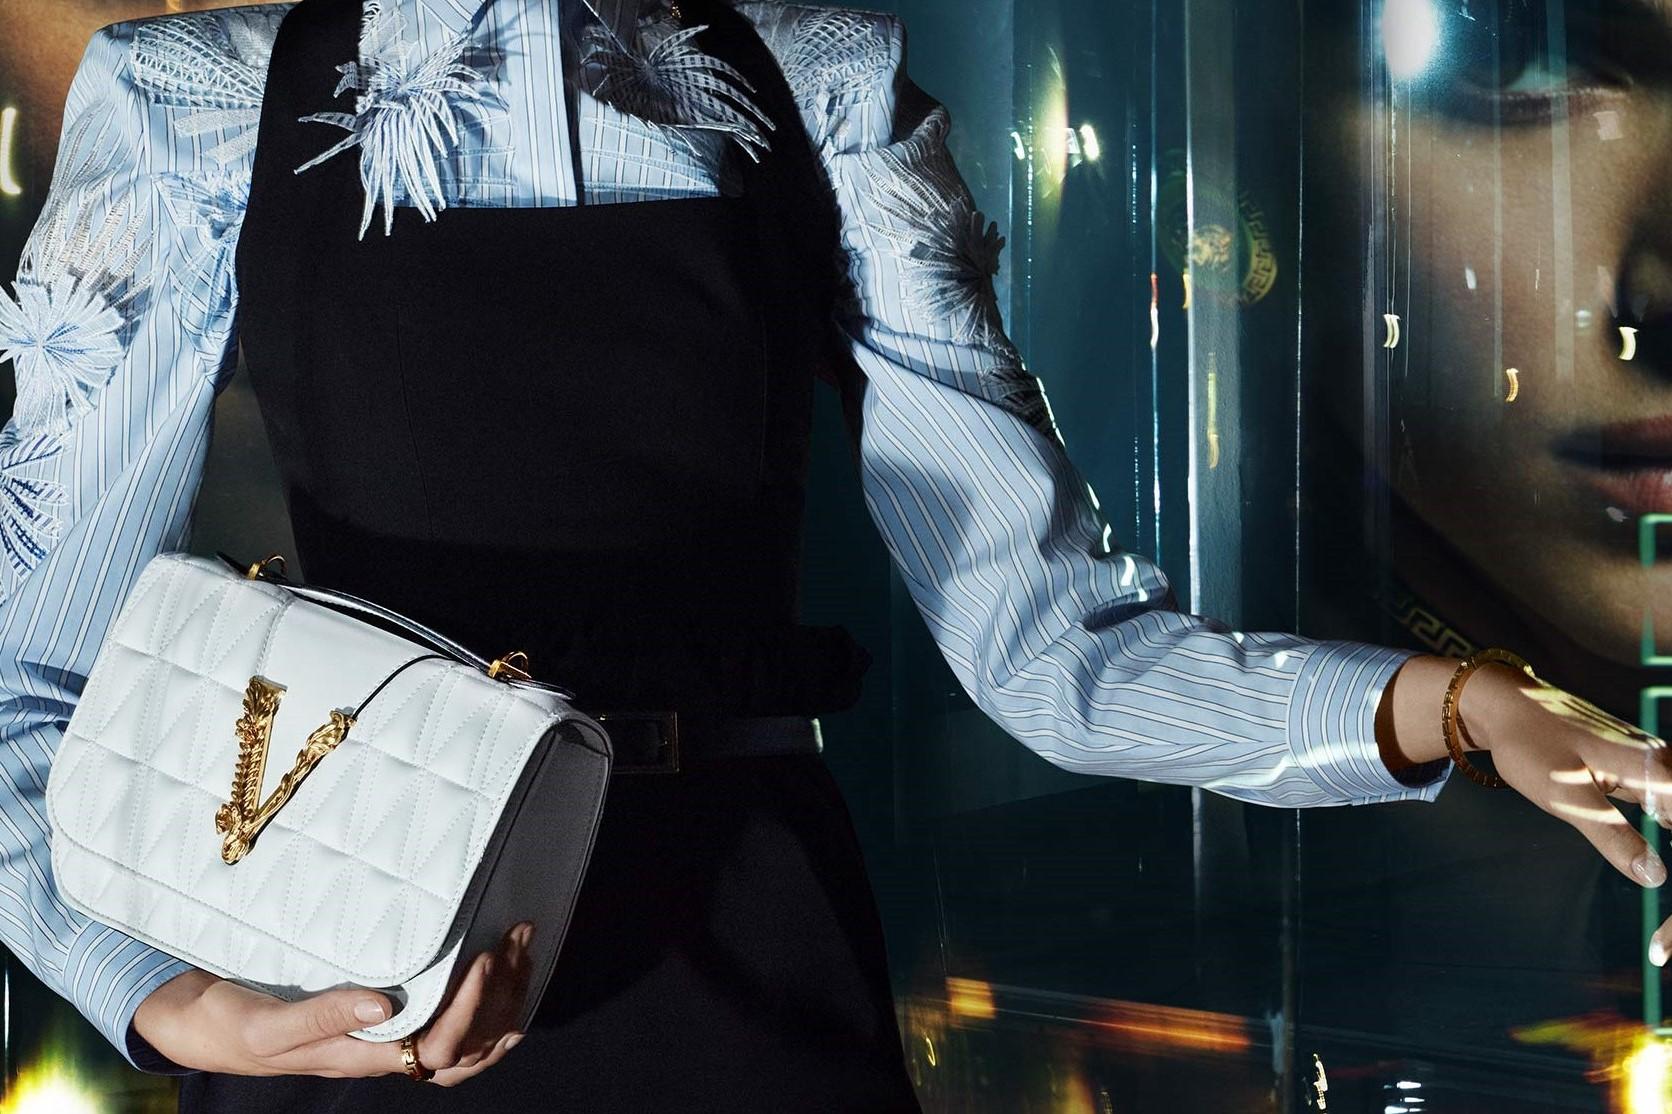 美国奢侈品集团 Capri 关闭旗下 Versace、Michael Kors 和 Jimmy Choo 欧美门店